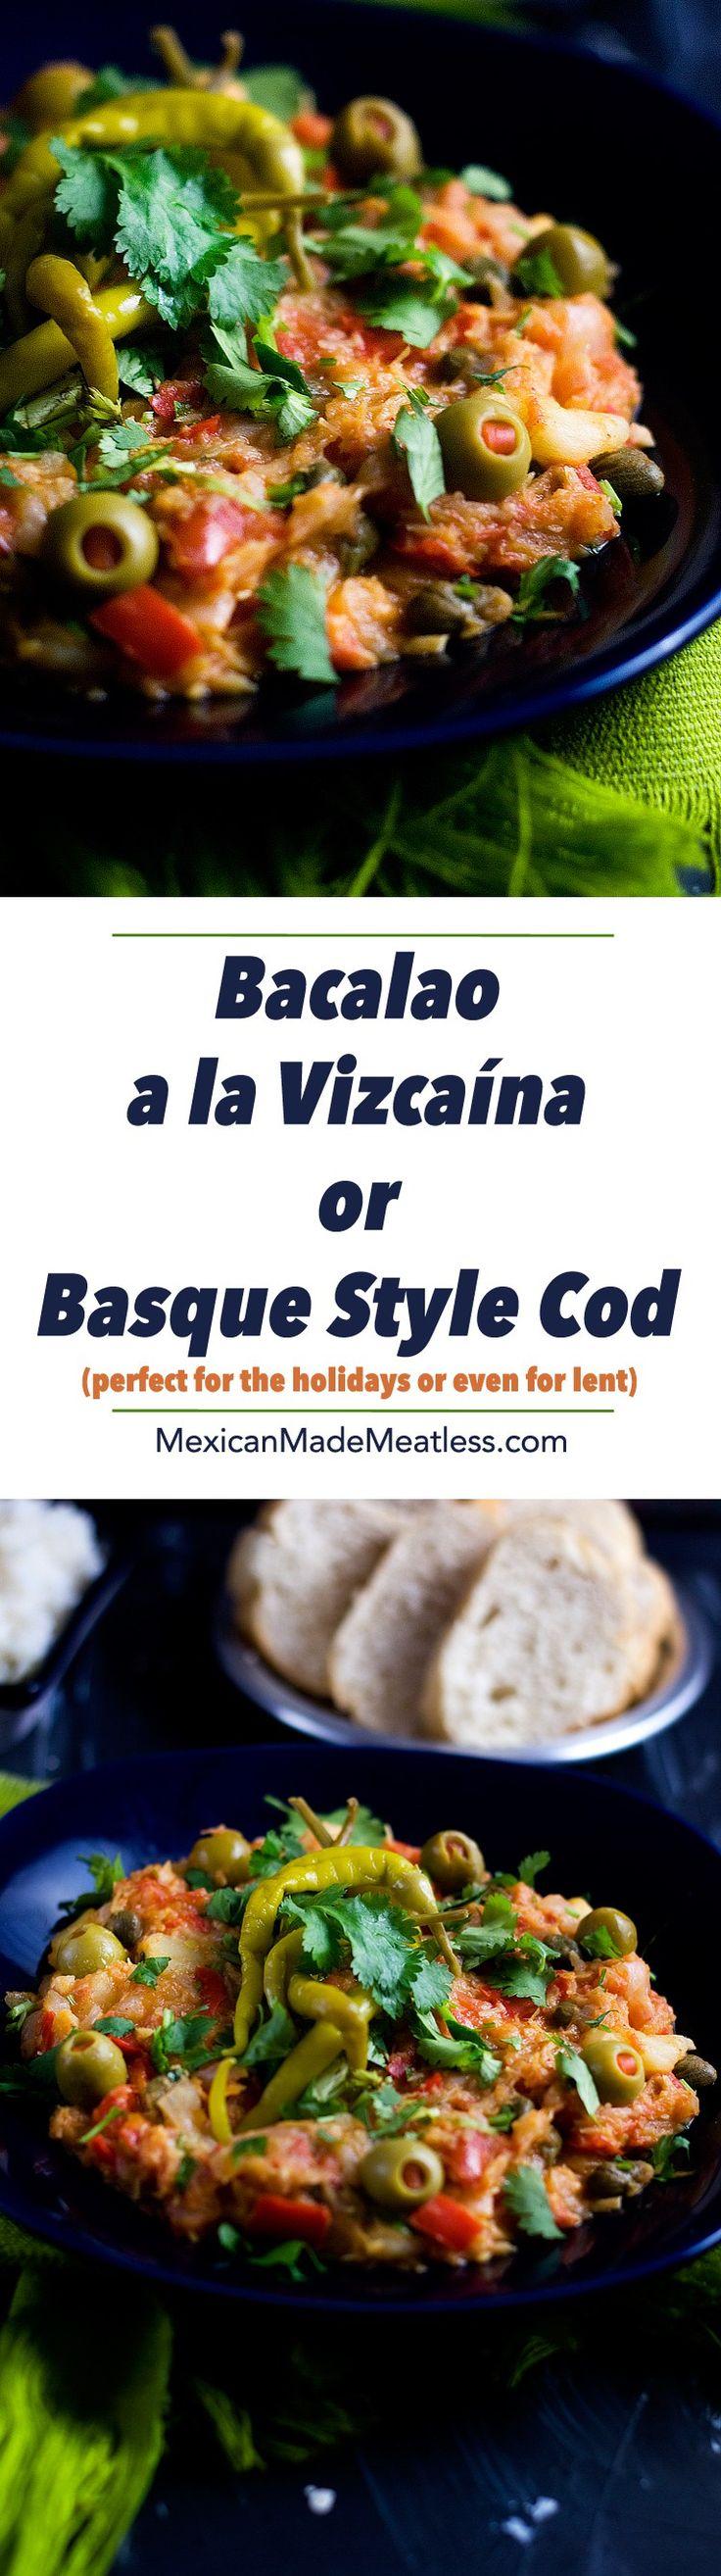 Bacalao a la Vizcaina or Basque Style Cod